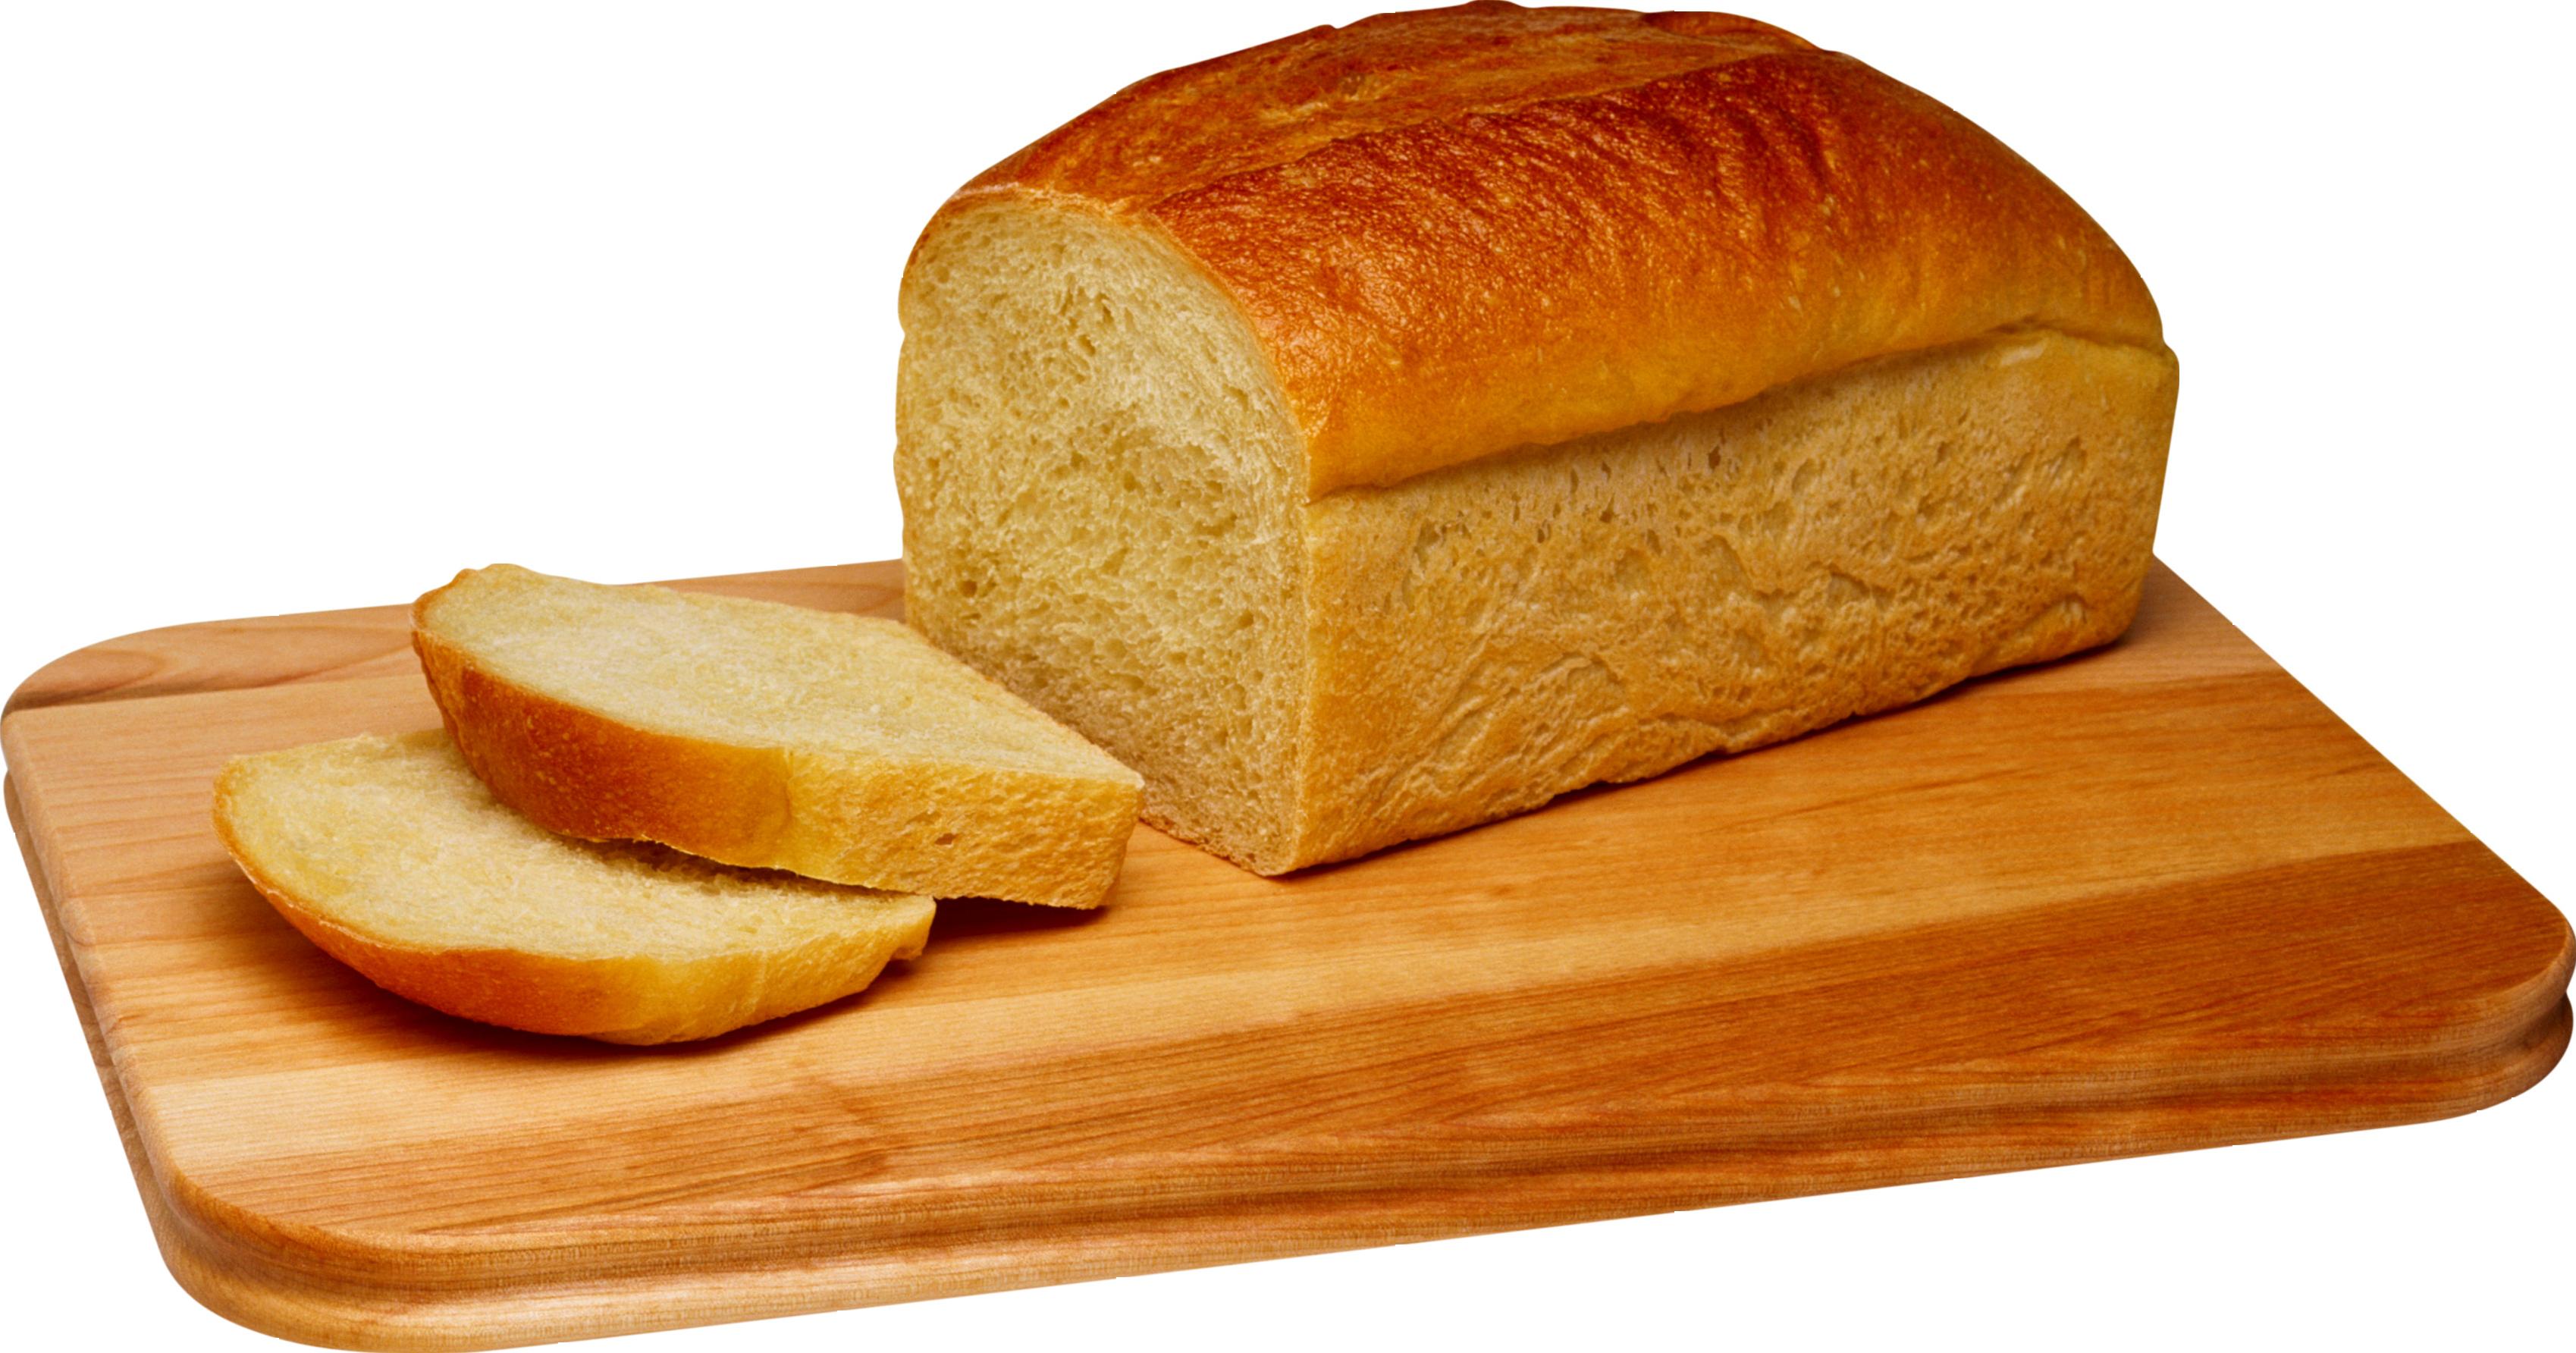 Хлеб картинки на прозрачном фоне, открытка